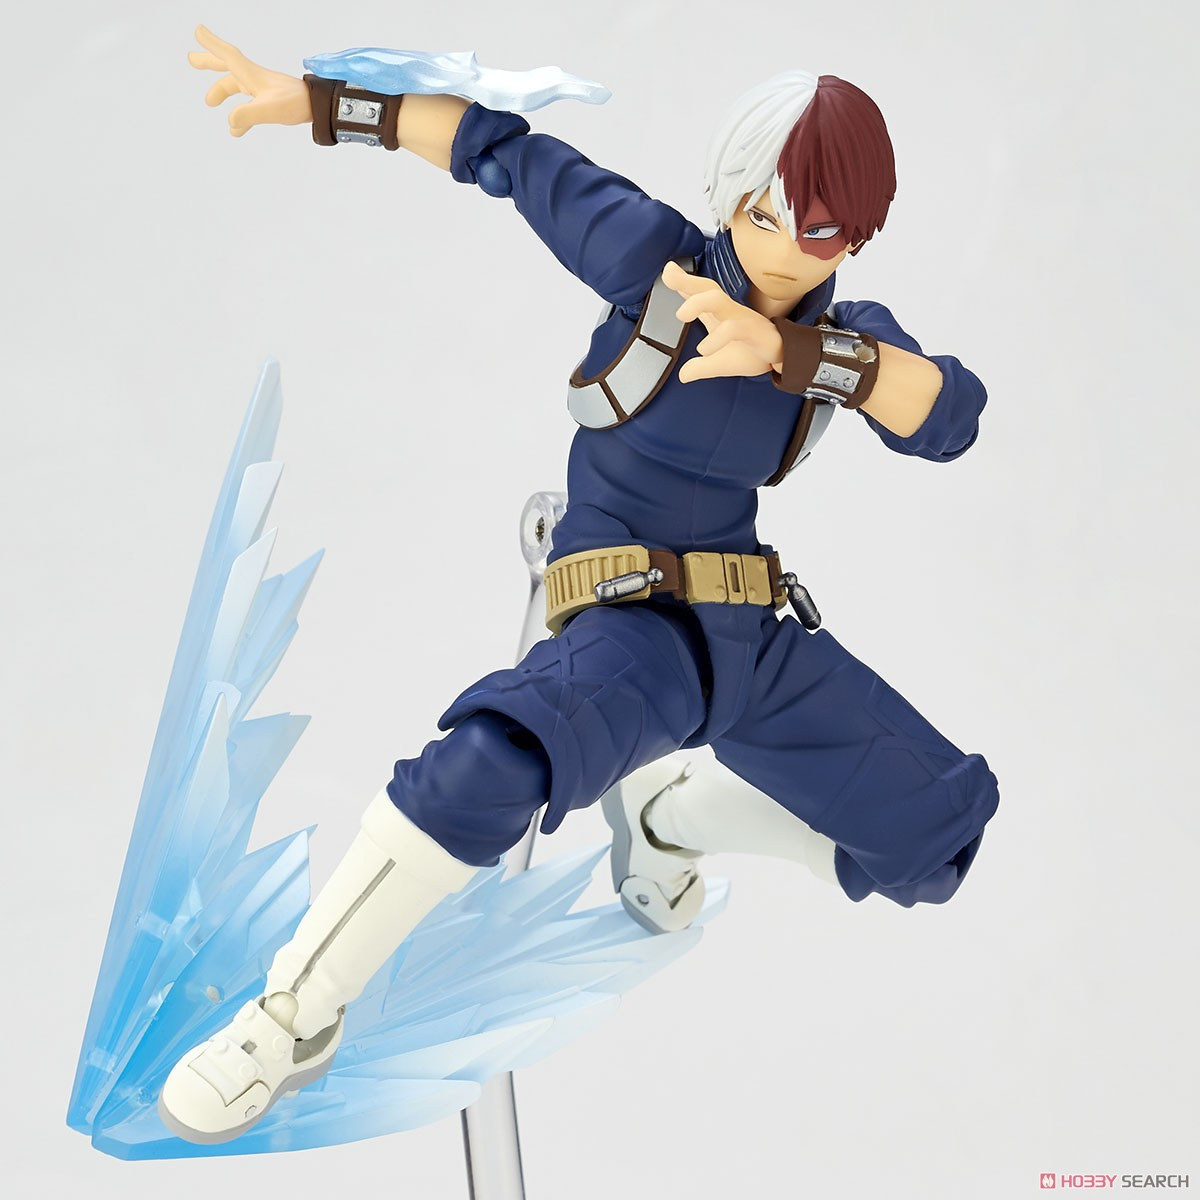 フィギュアコンプレックス アメイジング・ヤマグチ No.026『轟焦凍』僕のヒーローアカデミア 可動フィギュア-010